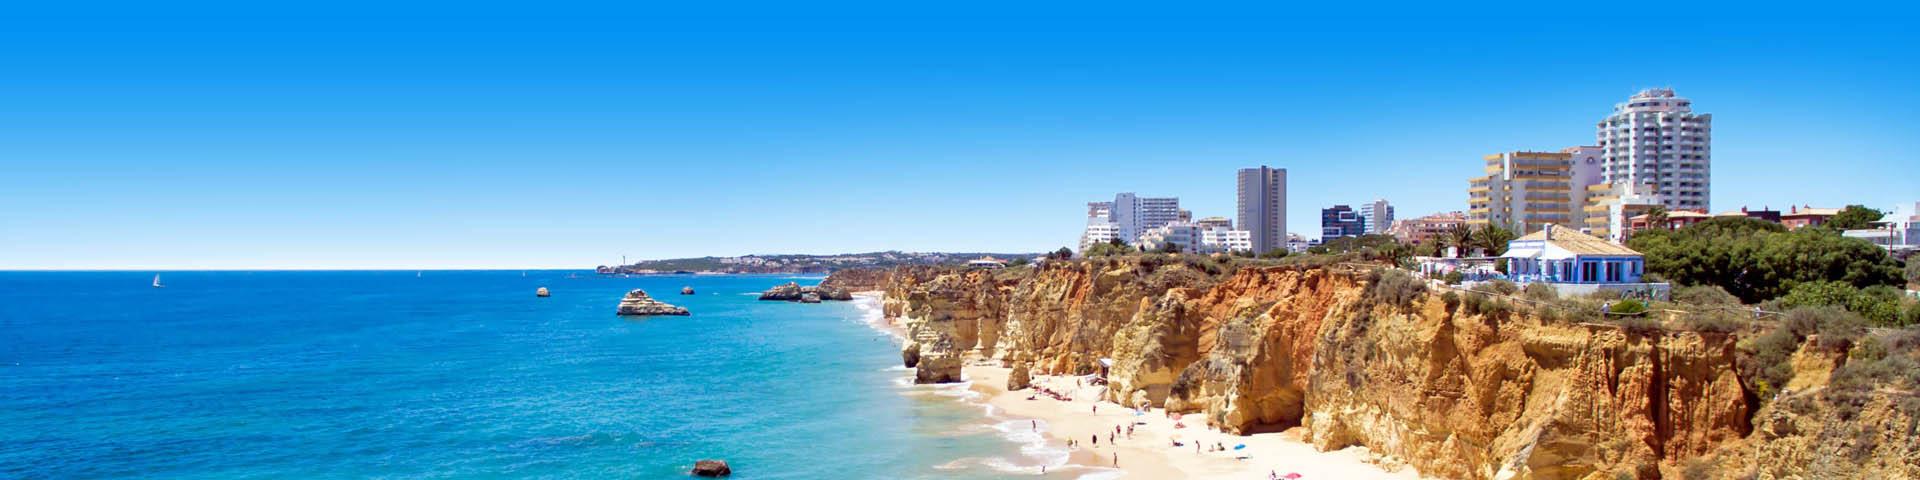 Kustlijn met strand en zee in de Algarve, Portugal